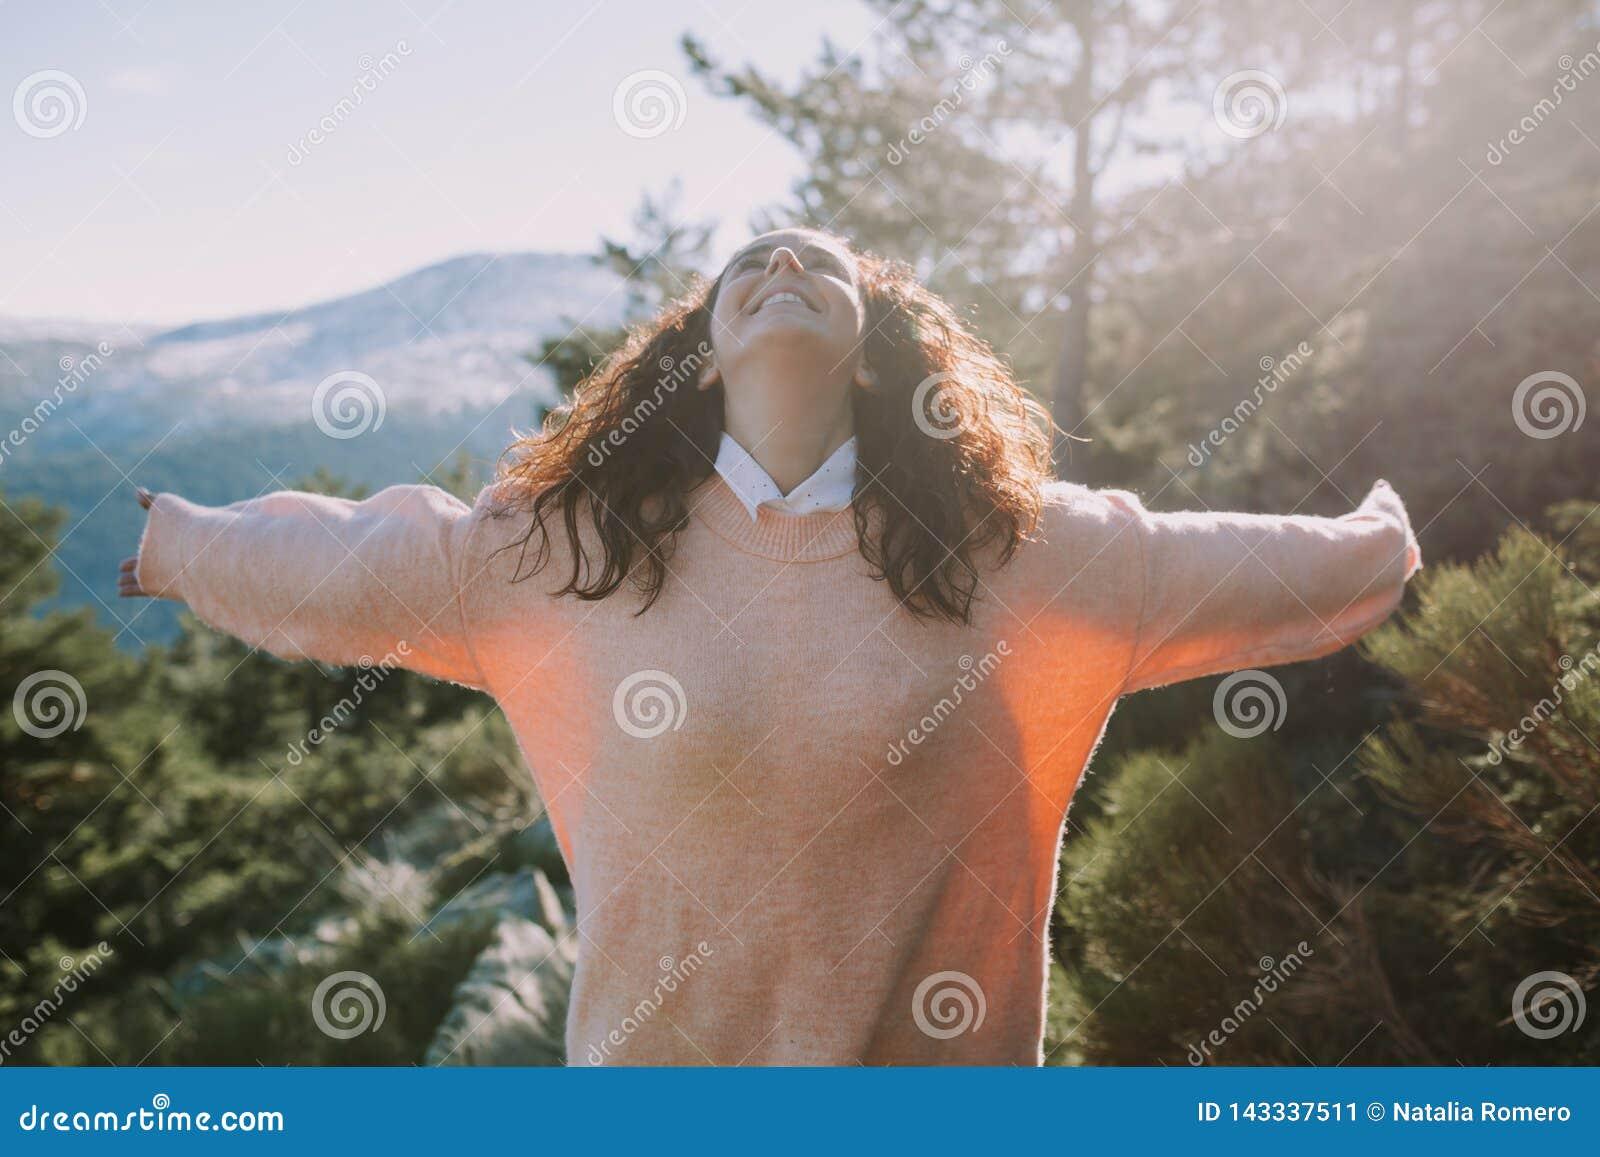 La jolie fille dans un chandail coloré de corail répand ses bras avec un visage heureux